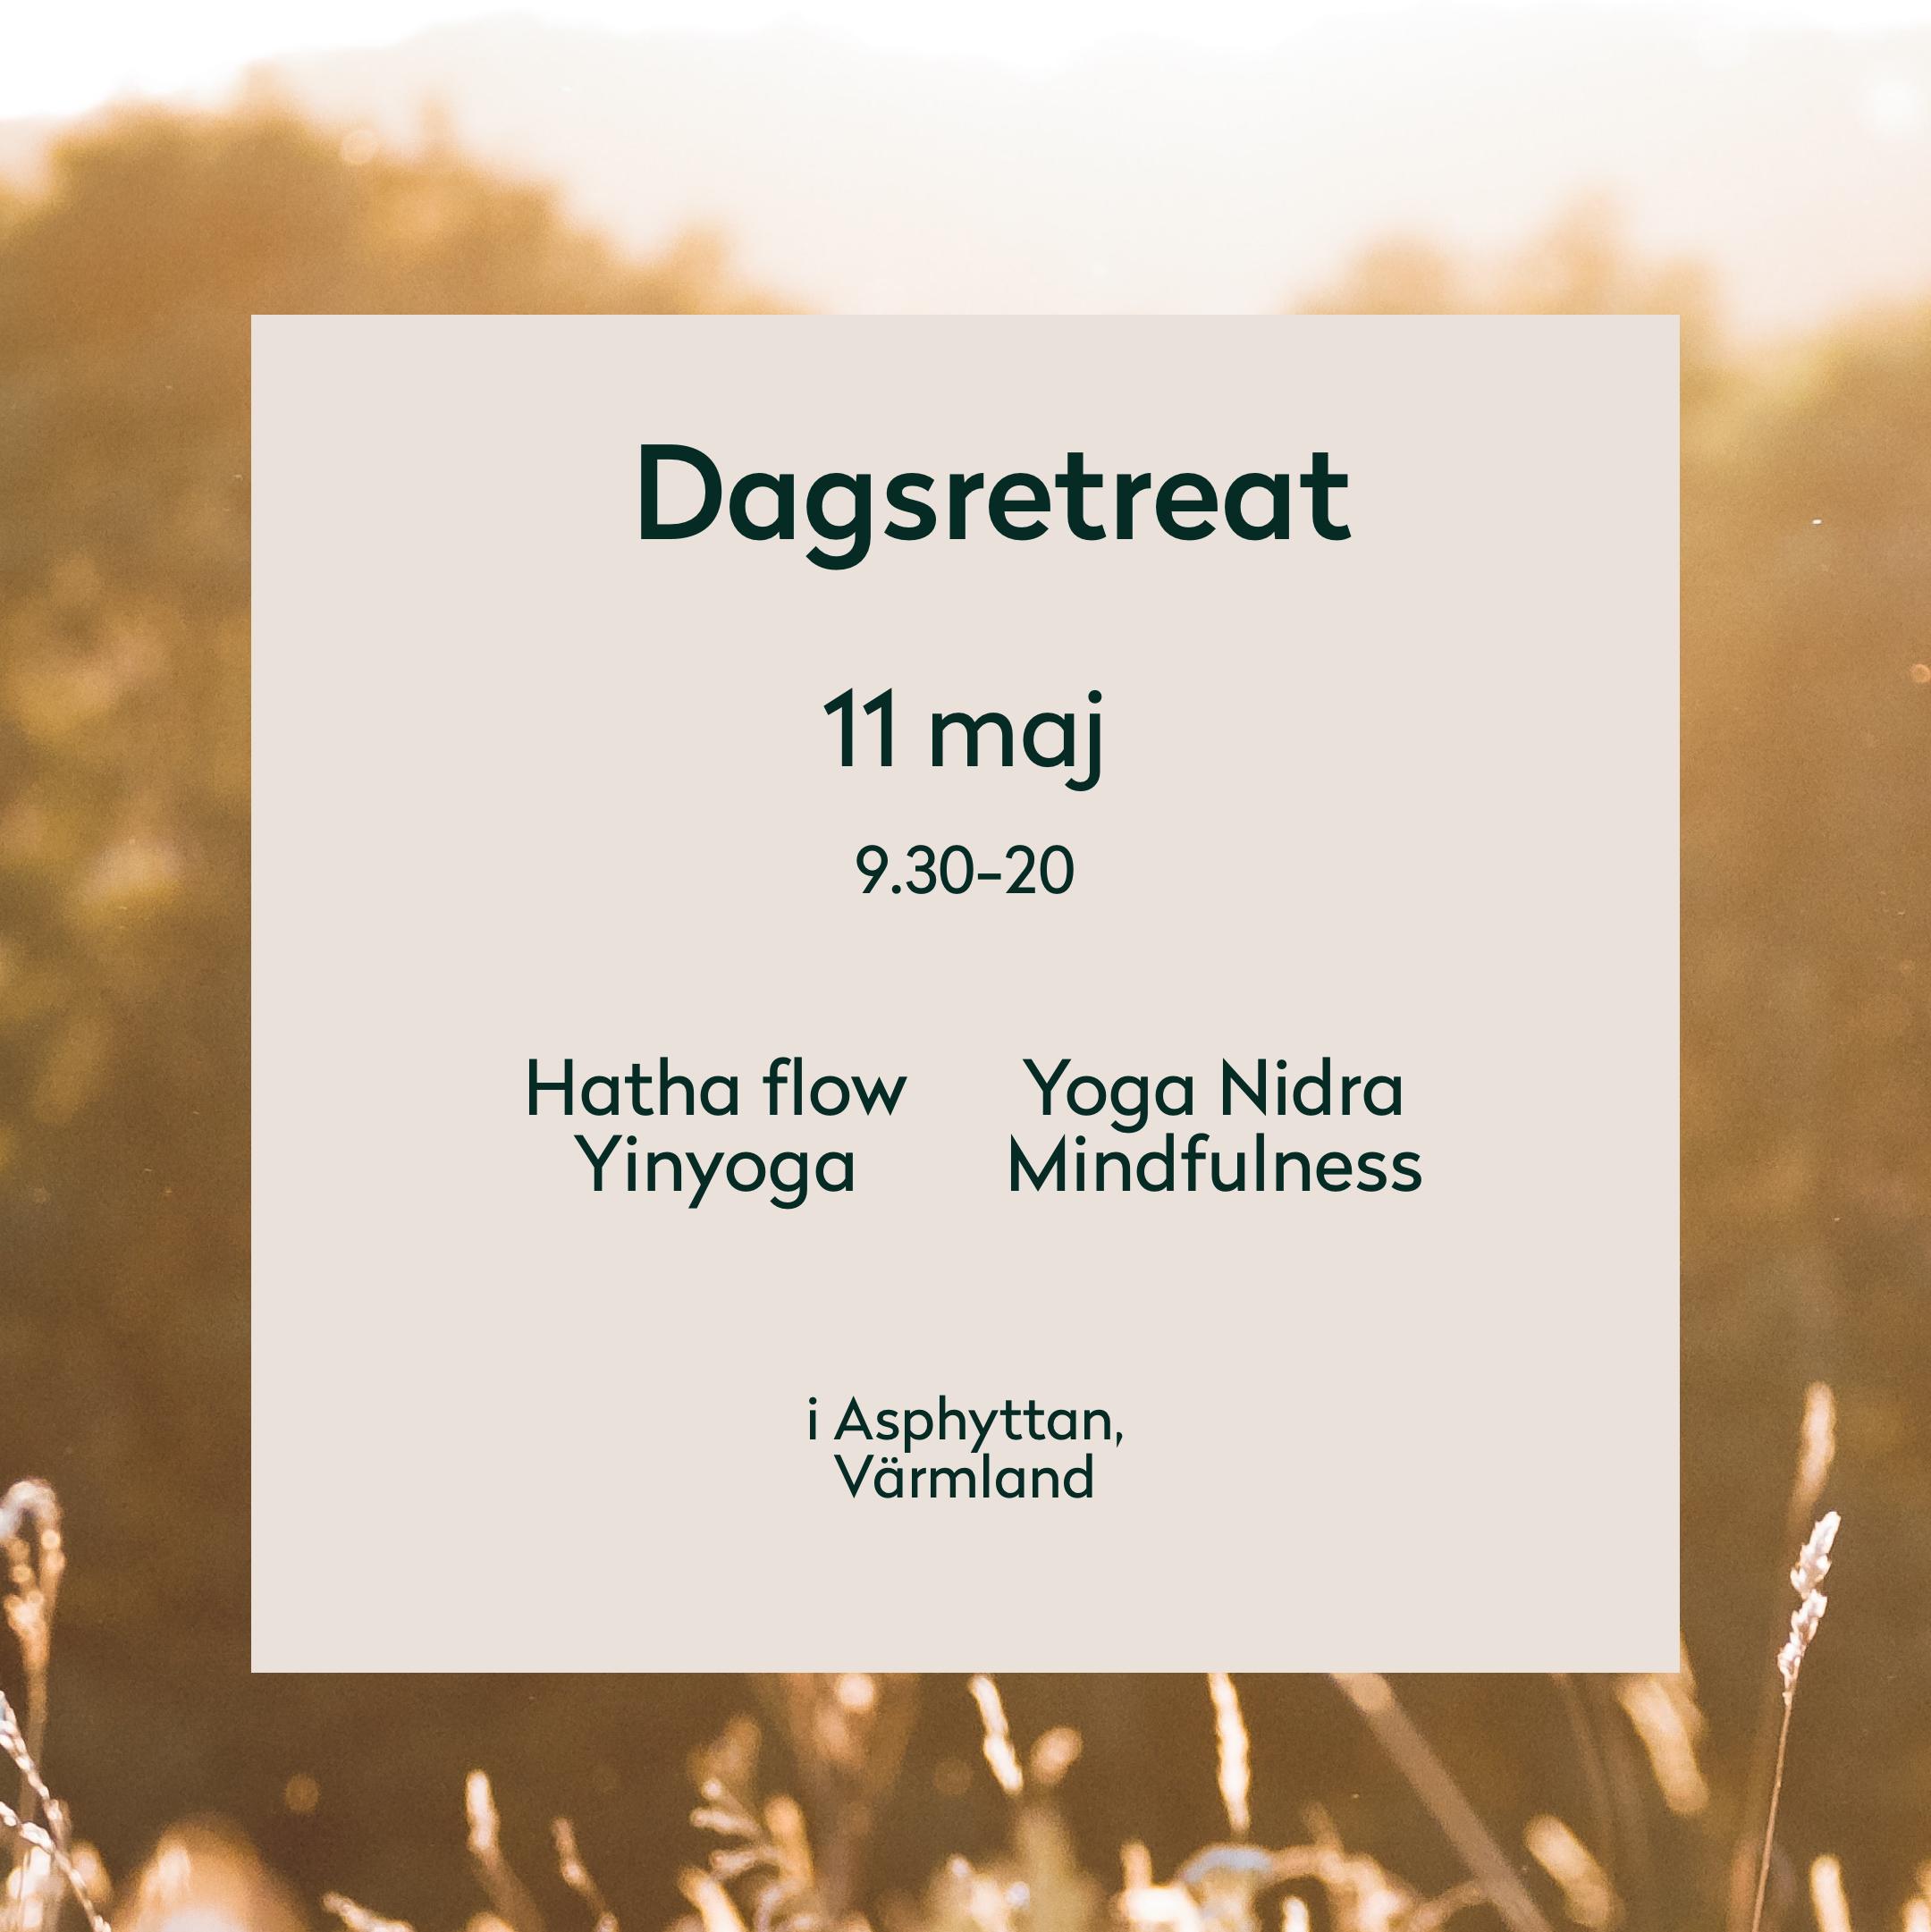 Dagsretreat 11 maj - Nyfiken på yoga, eller vill fördjupa dina kunskaper? Den 11 maj bjuder vi in 18 deltagare att få utforska sin kropp och sitt sinne genom hatha, yin och yoga nidra. Det kommer bli en magisk dag där temat är acceptans!Pris: 950 SEK - 09.30-20.00Läs mer här om retreatet här